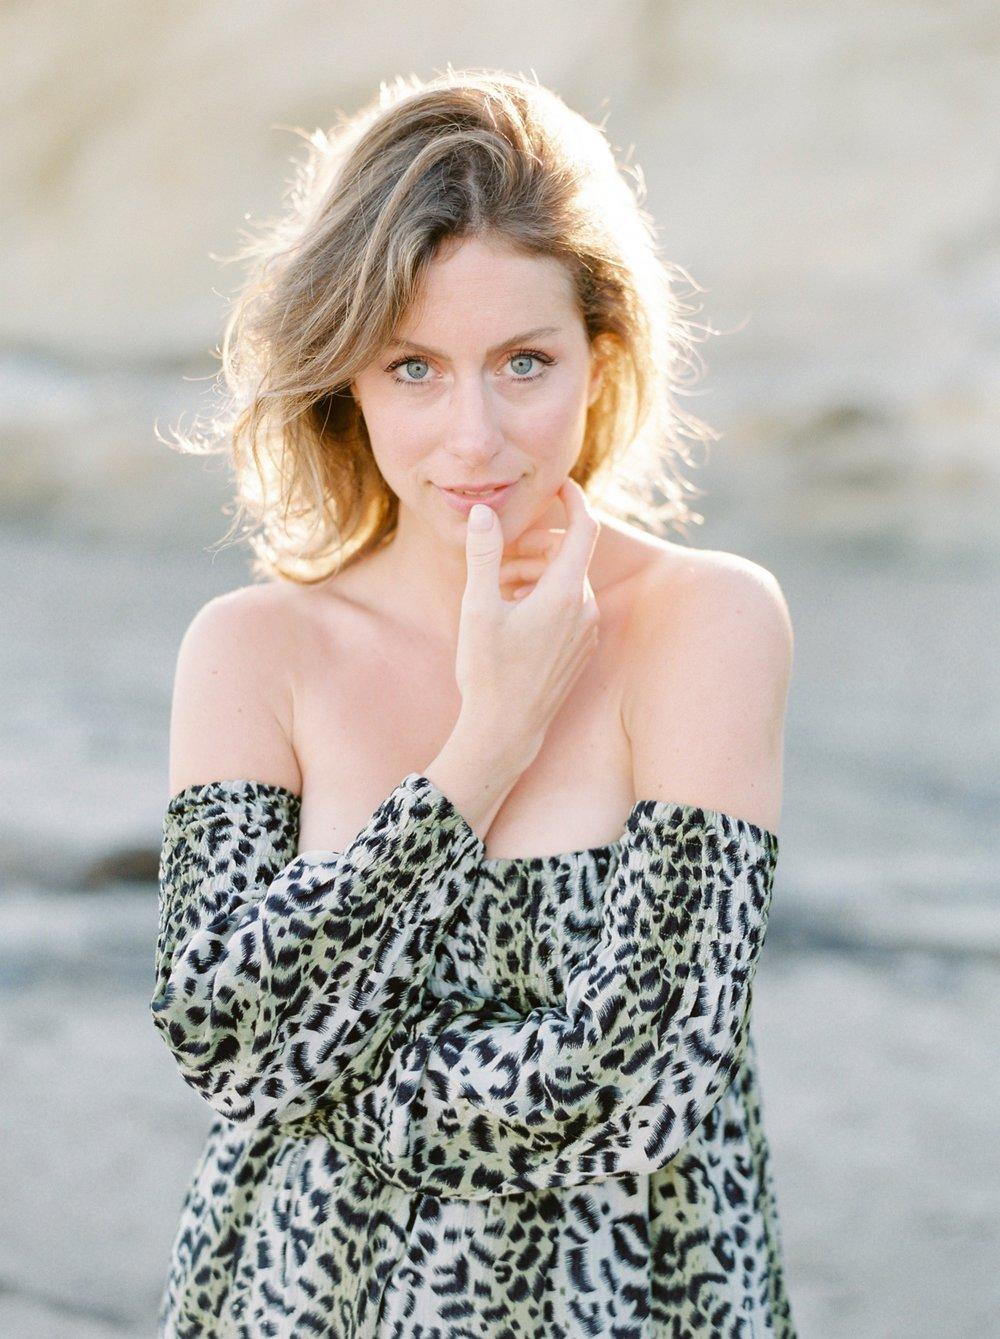 Oregon Fashion Photographers | Lifestyle Blogger